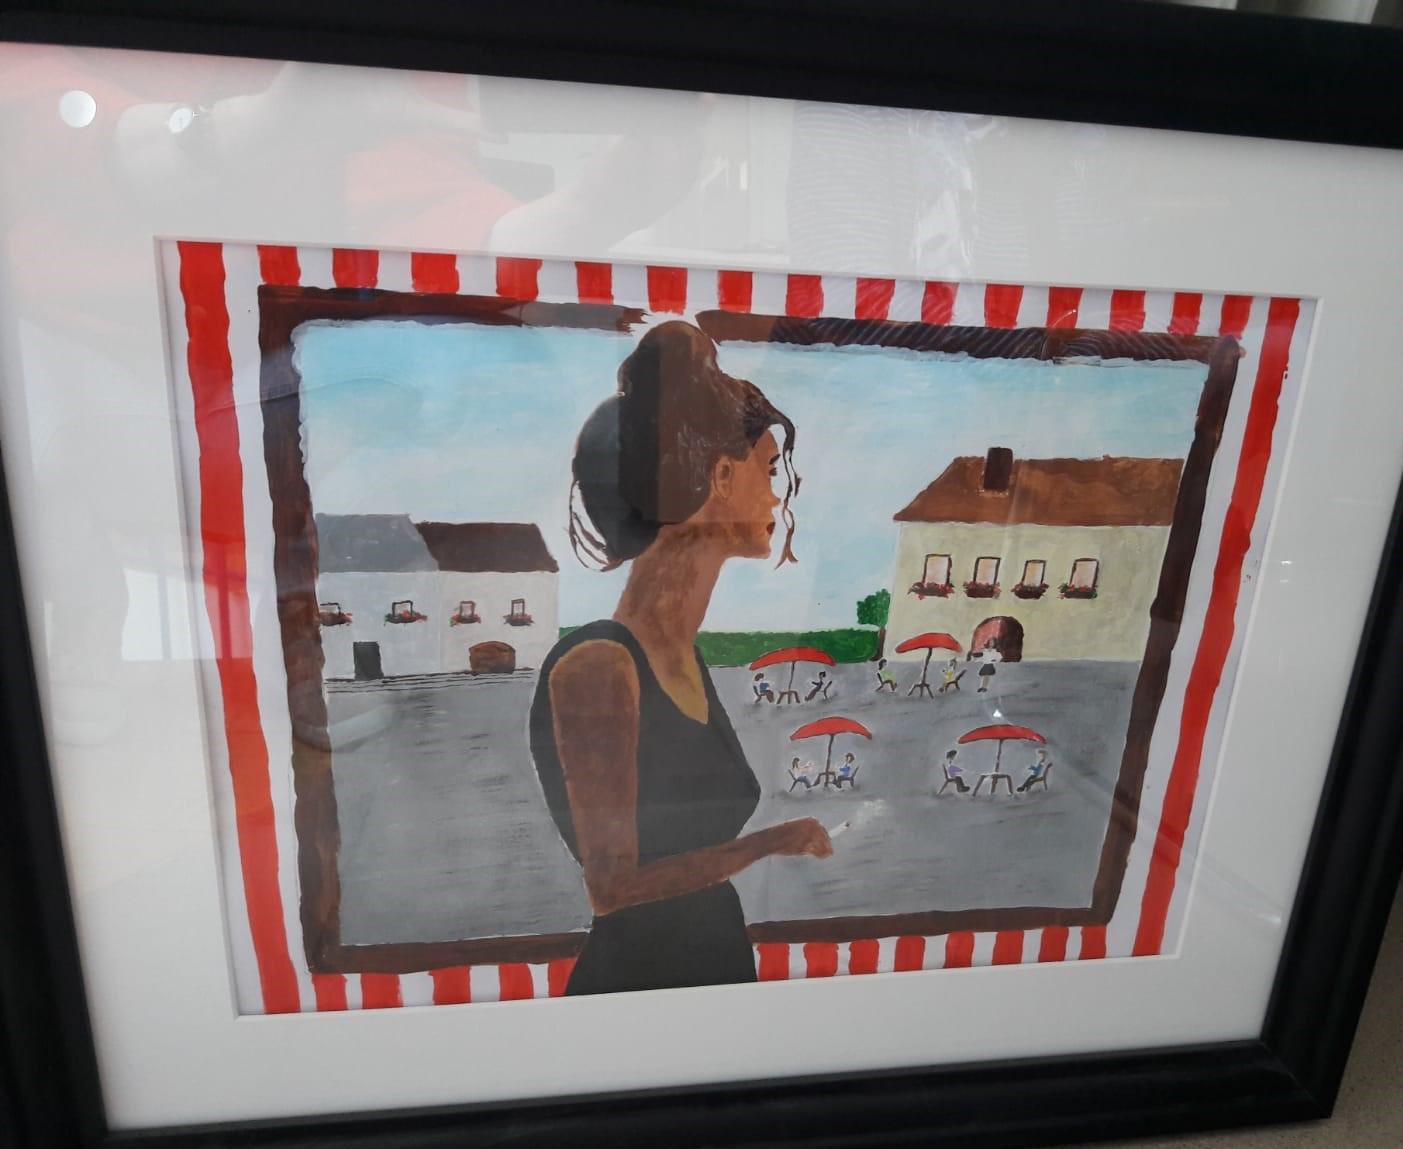 Gemälde einer Frau, die aus einem Fenster blickt. Draußen ist ein Platz zwischen zwei Häusern. Auf dem Platz sind vier rote Sonnenschirme unter denen jeweils zwei Menschen sitzen. Eine Kellnerin steht neben einem der Tische mit ihrem Tablett